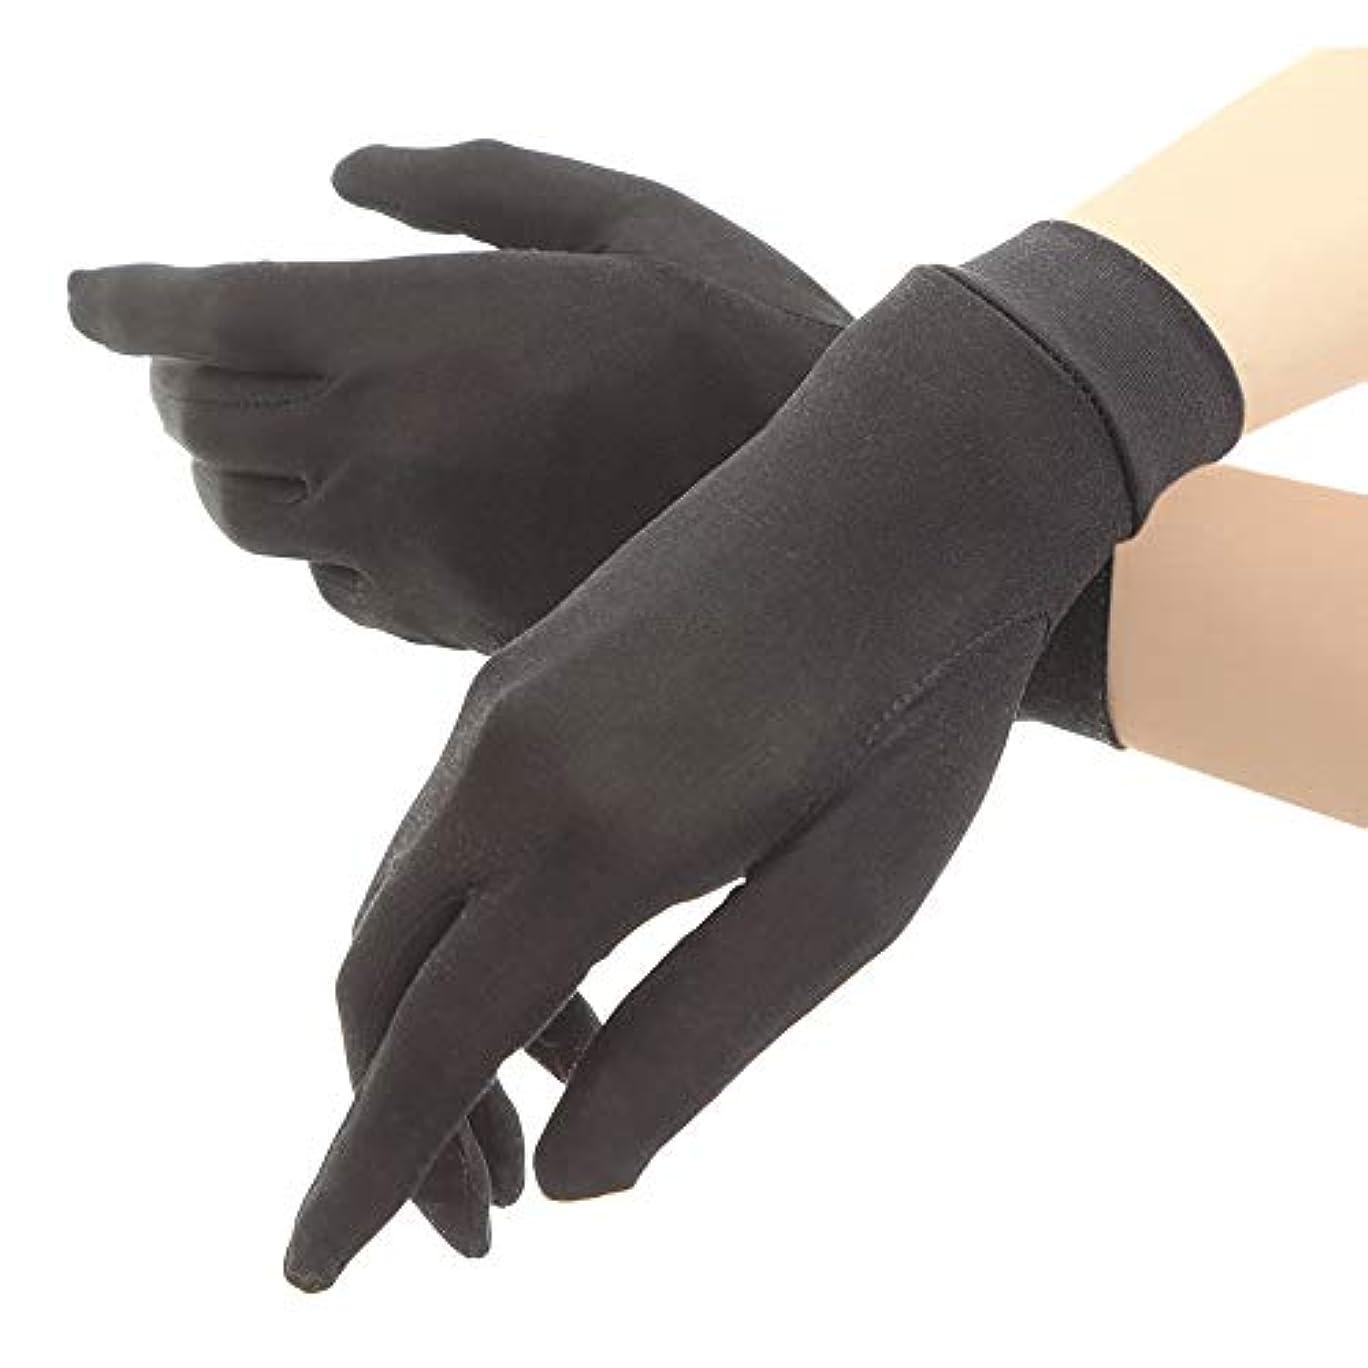 ブレーク誤解を招く苦いシルク手袋 レディース 手袋 シルク 絹 ハンド ケア 保湿 紫外線 肌荒れ 乾燥 サイズアップで手指にマッチ 【macch】